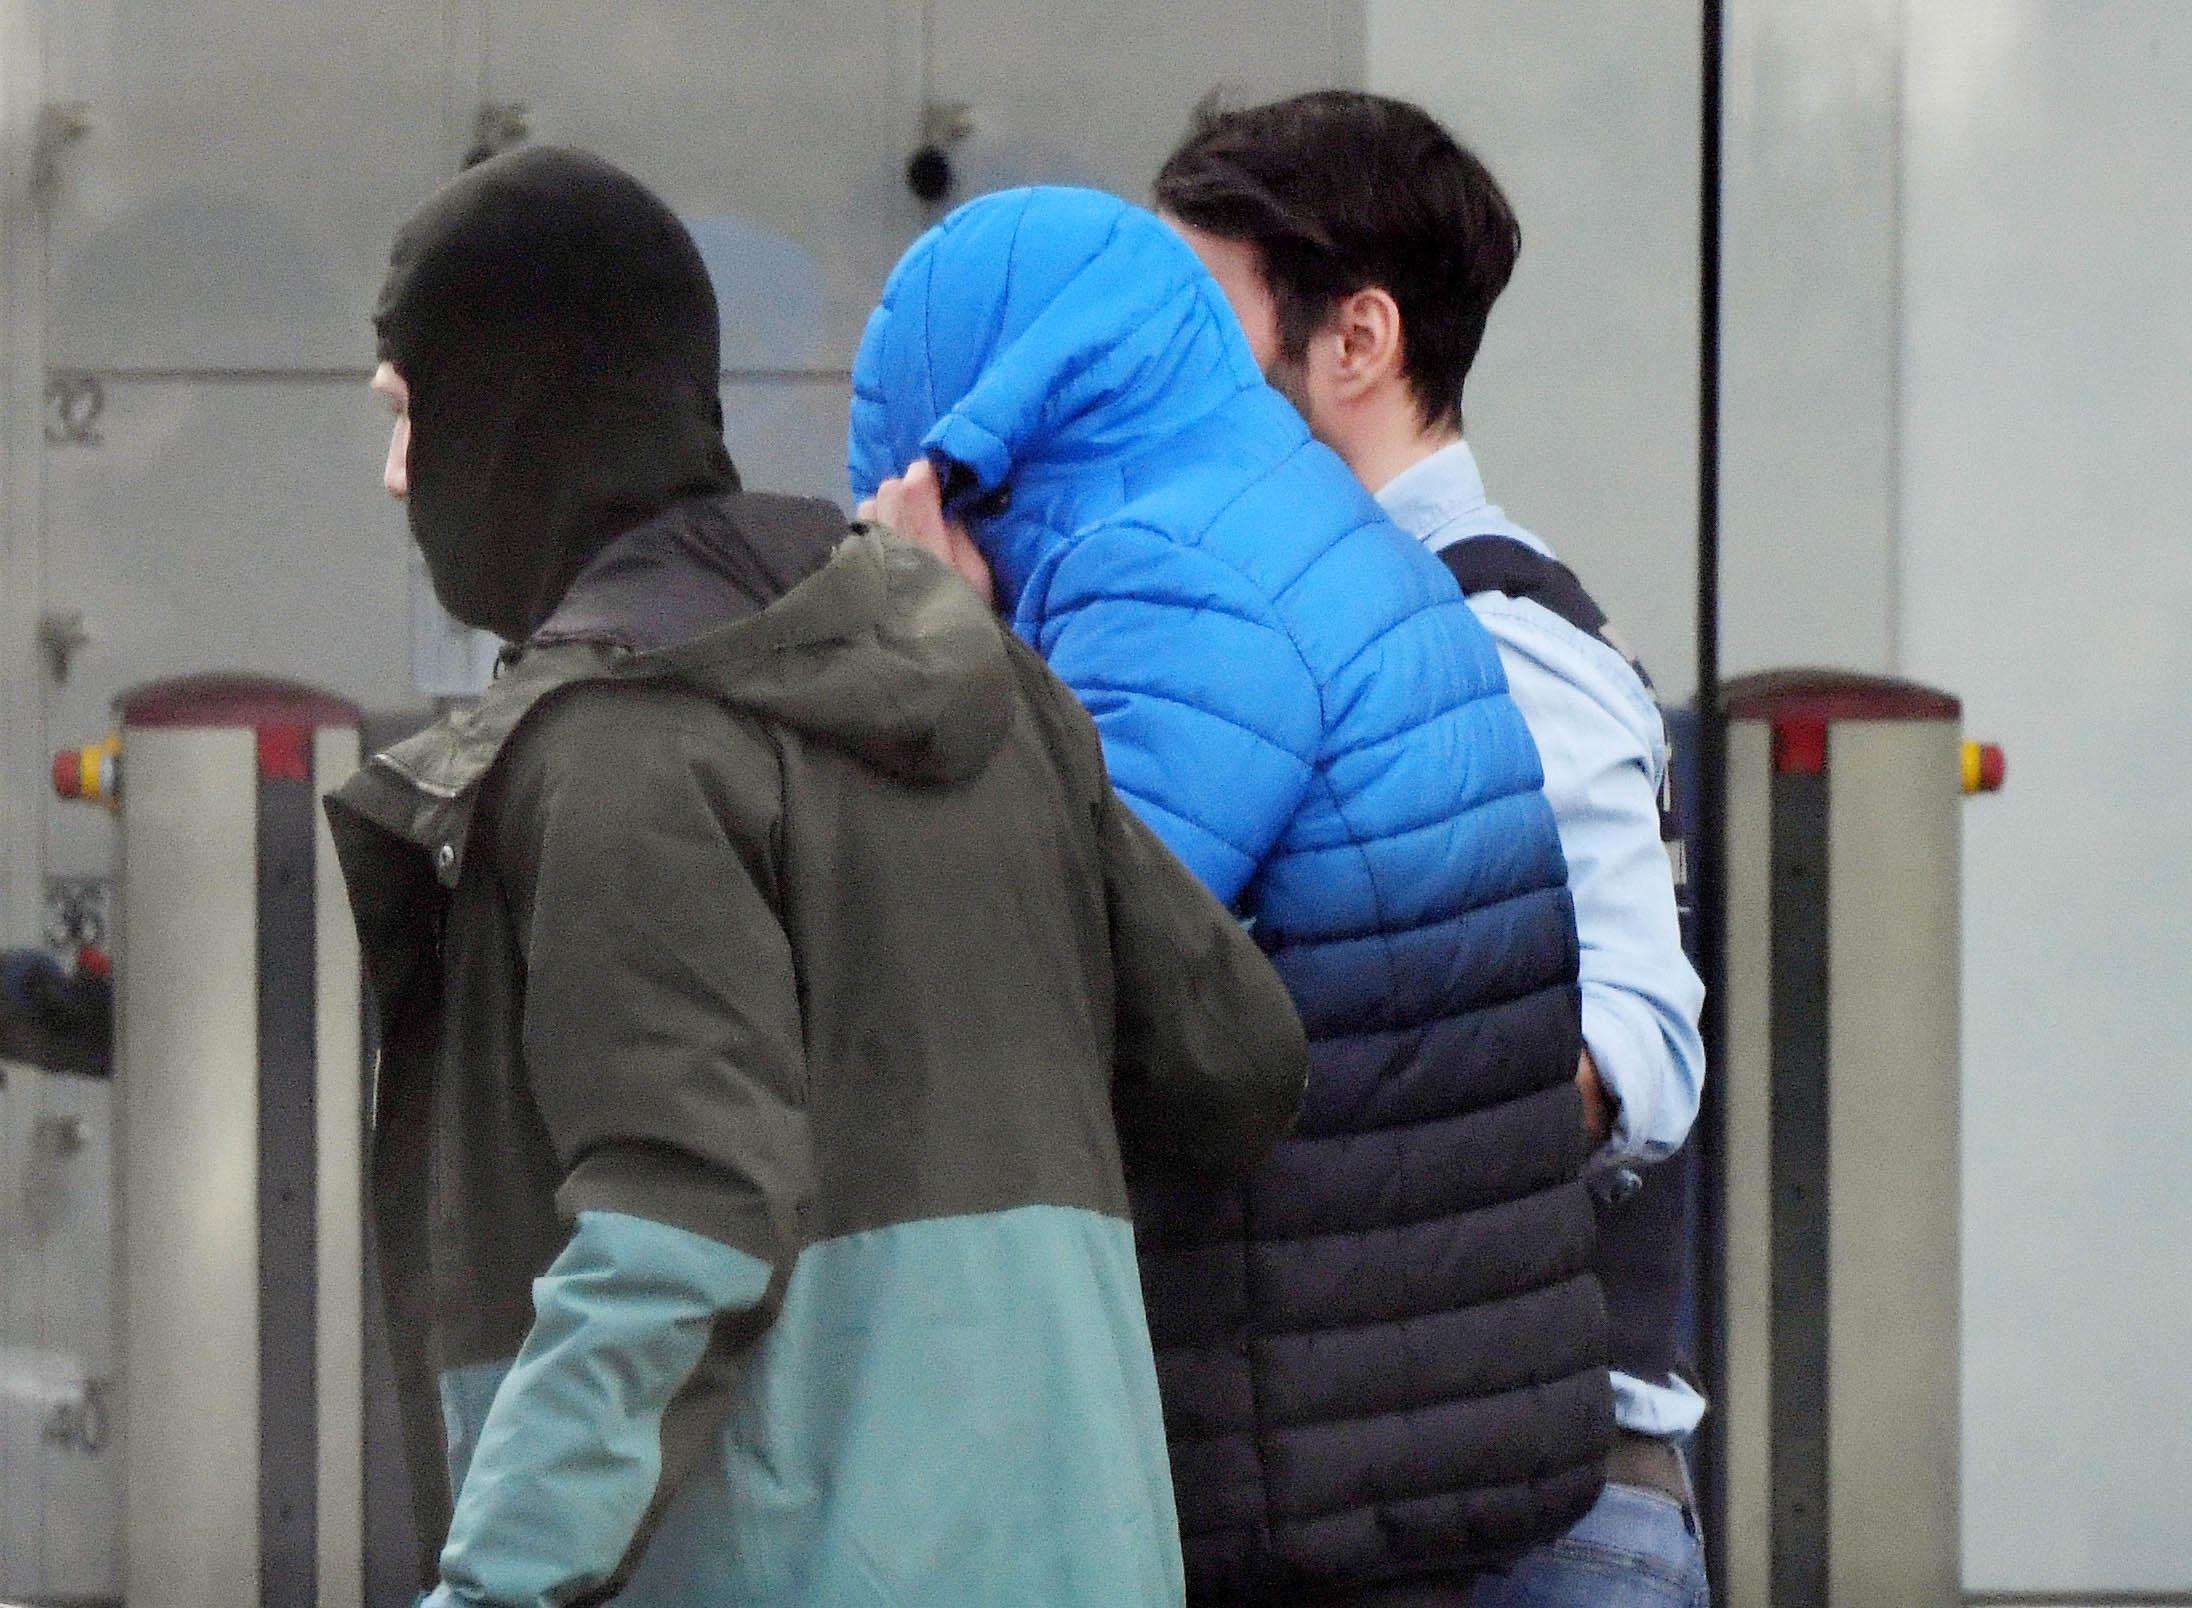 Terrorzelle plante Anschläge: Männer aus Landkreis Wittenberg und Salzlandkreis in Haft